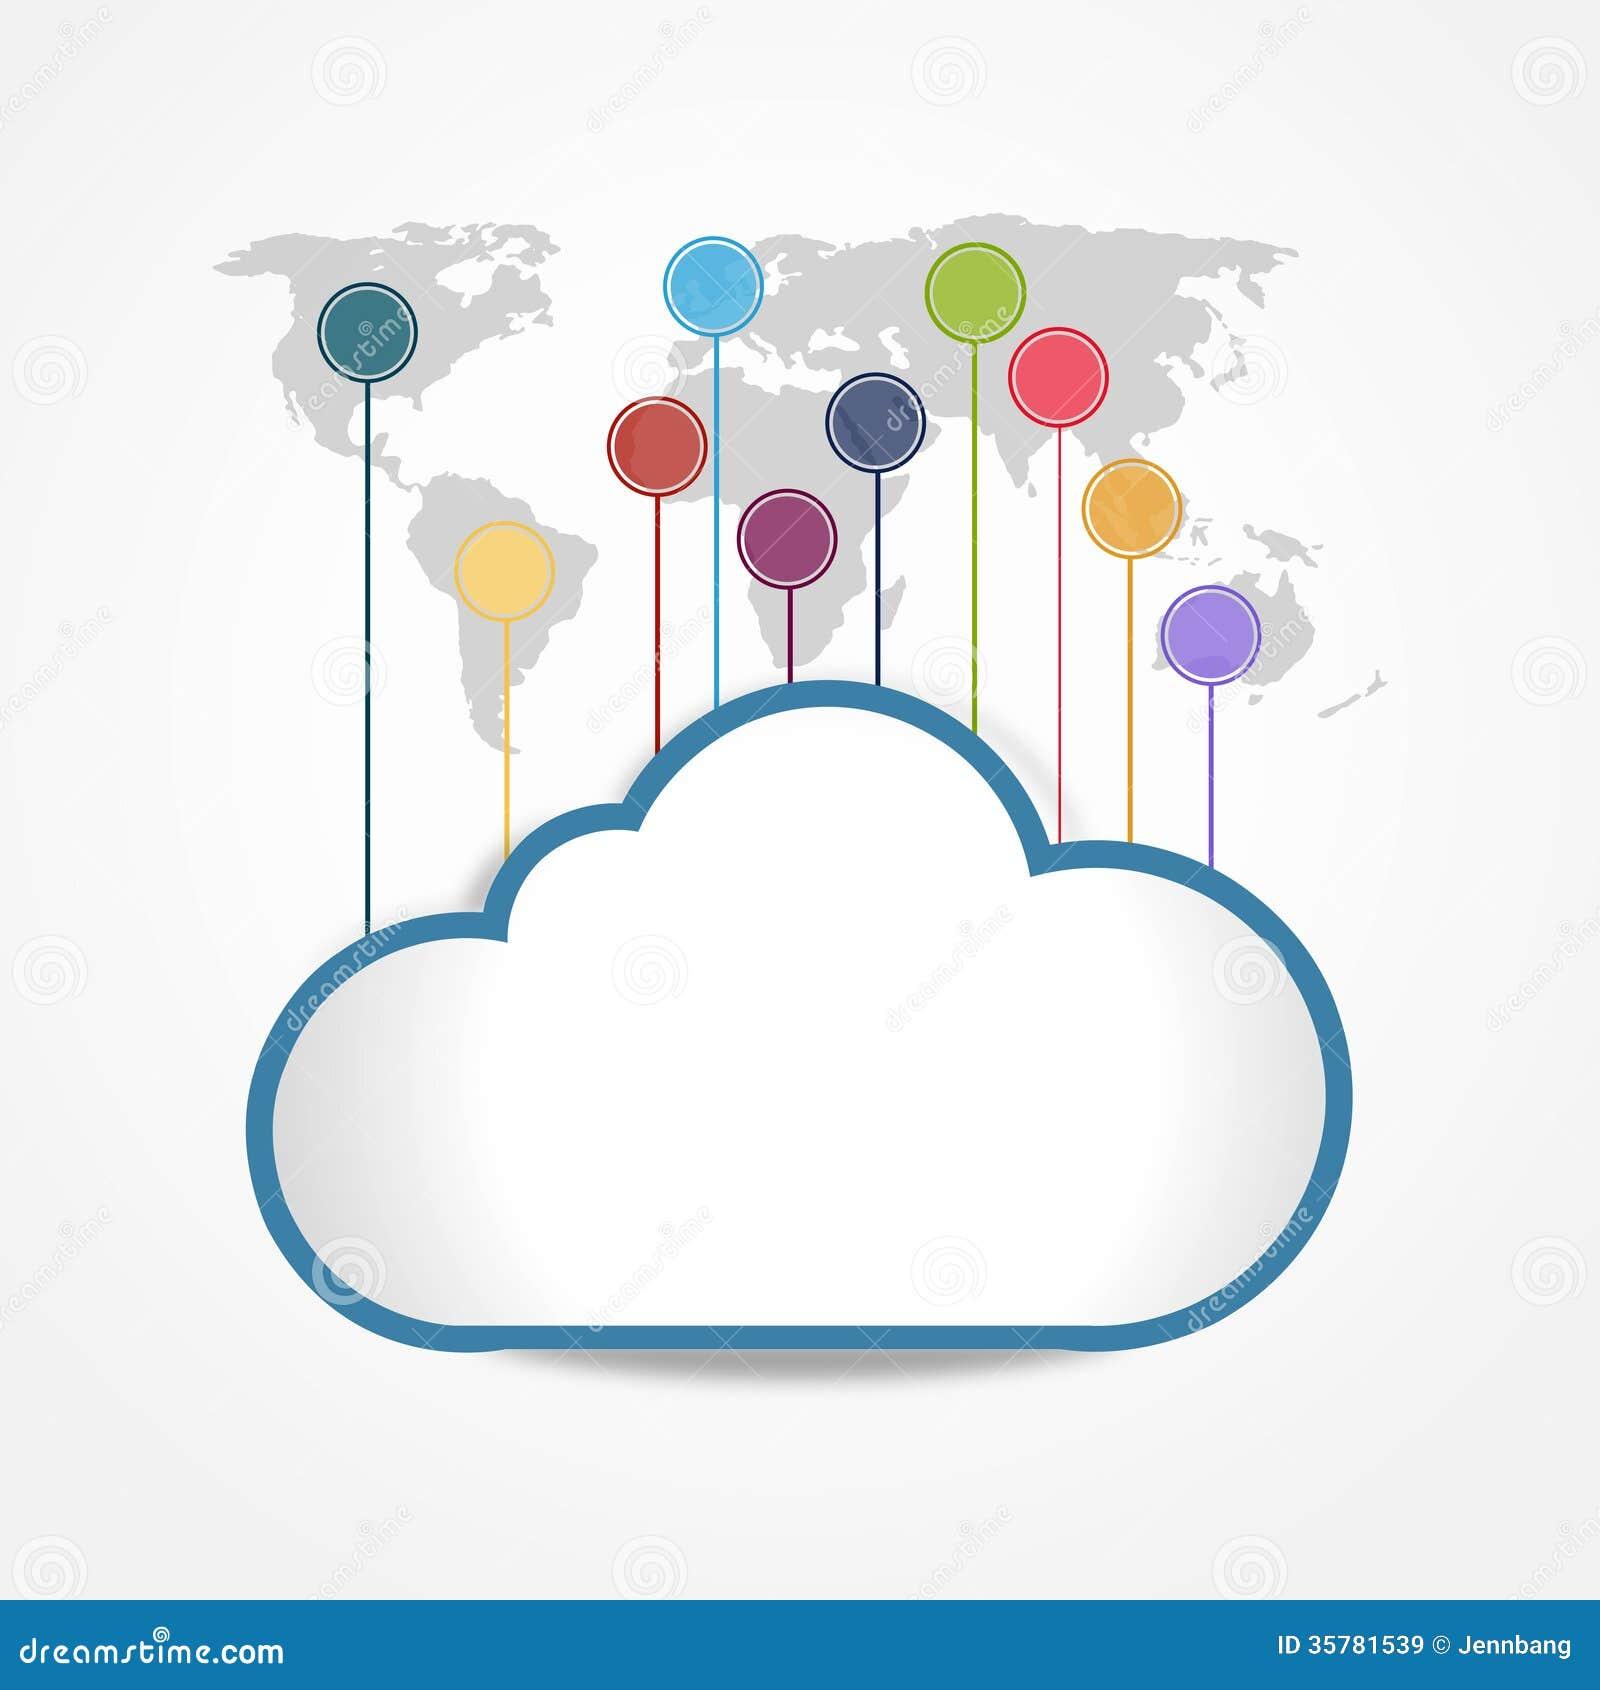 Digtial云彩连接全世界